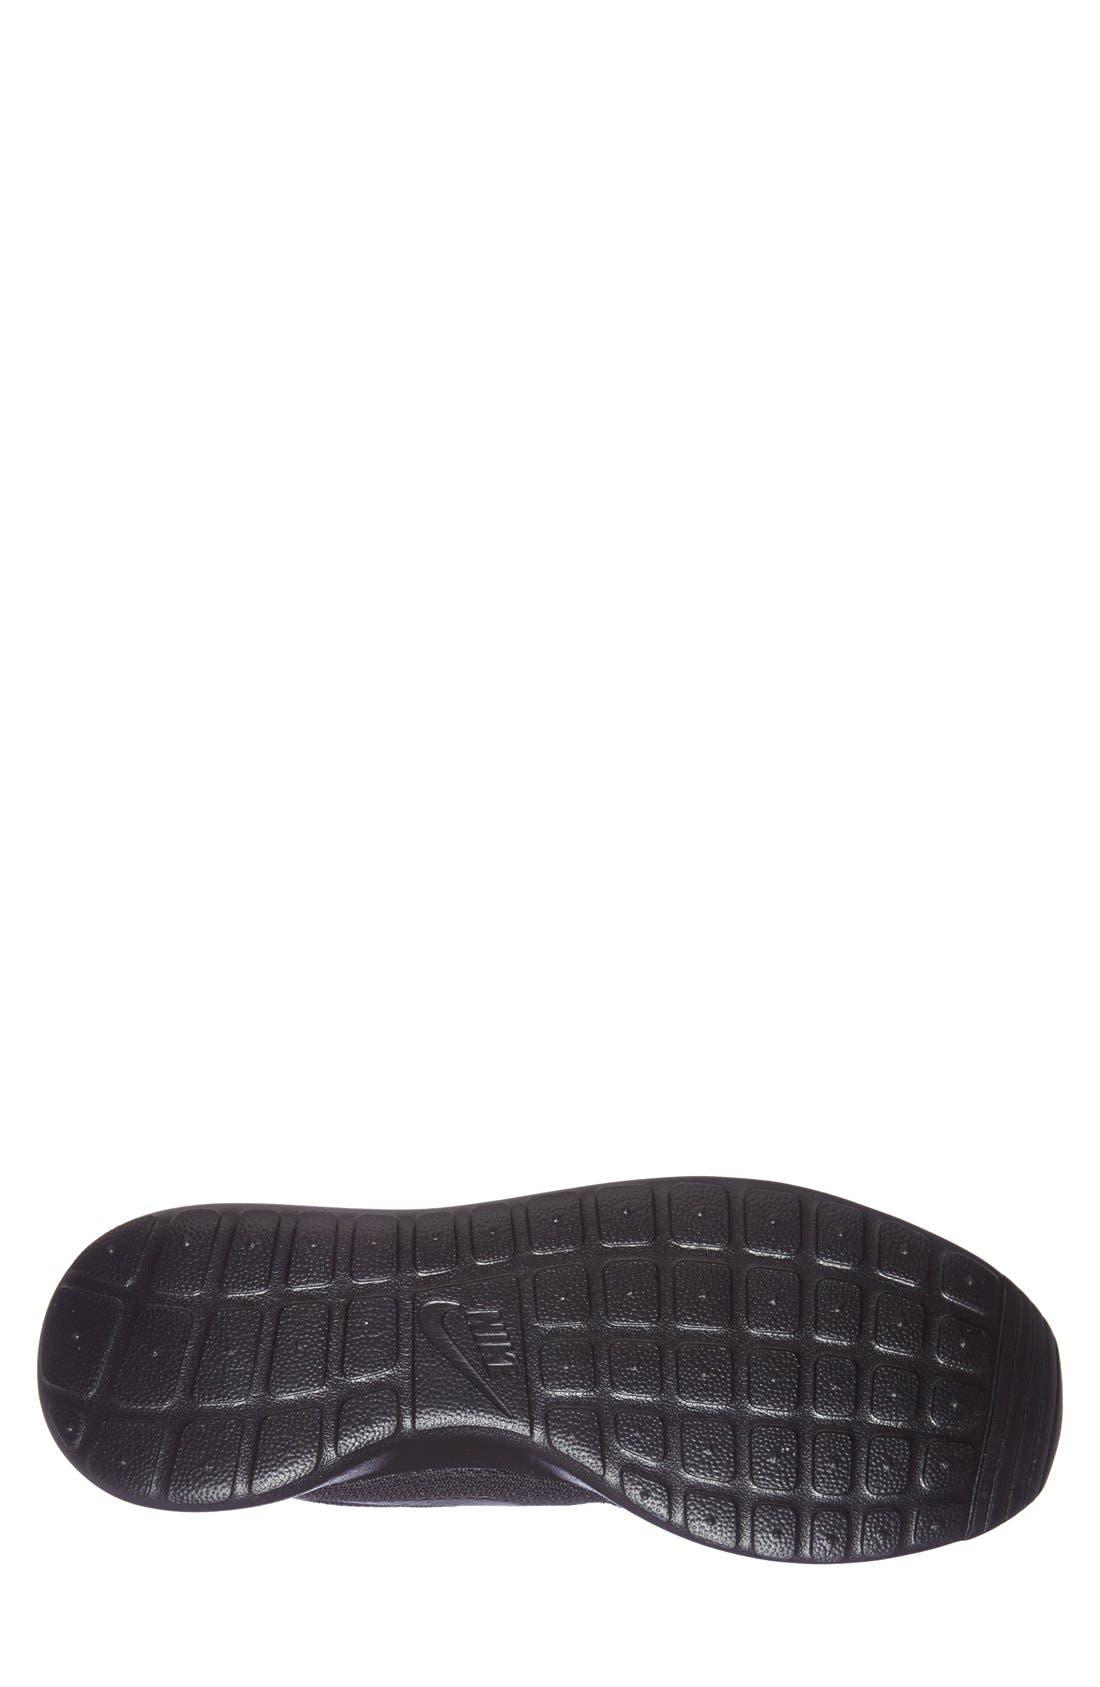 ,                             'Roshe Run' Sneaker,                             Alternate thumbnail 28, color,                             016